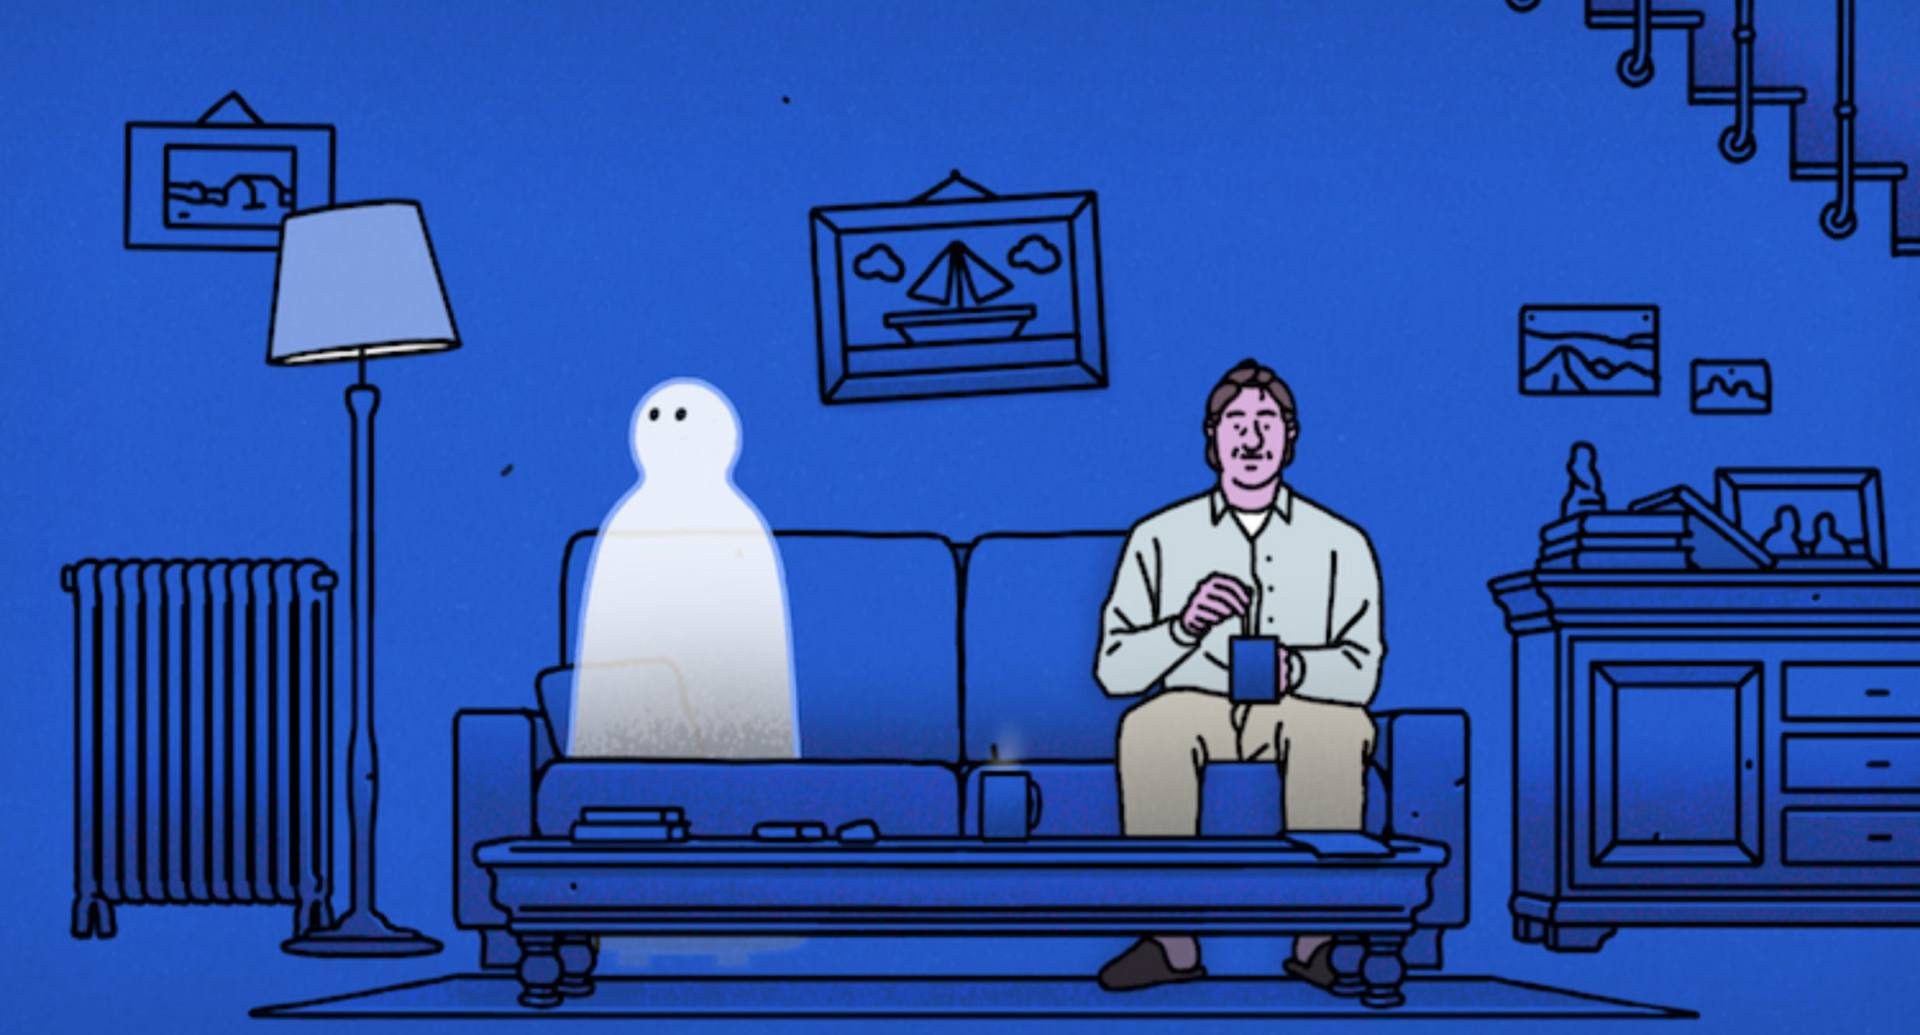 Mon ami qui brille dans la nuit - Grand prix du court métrage étudiant